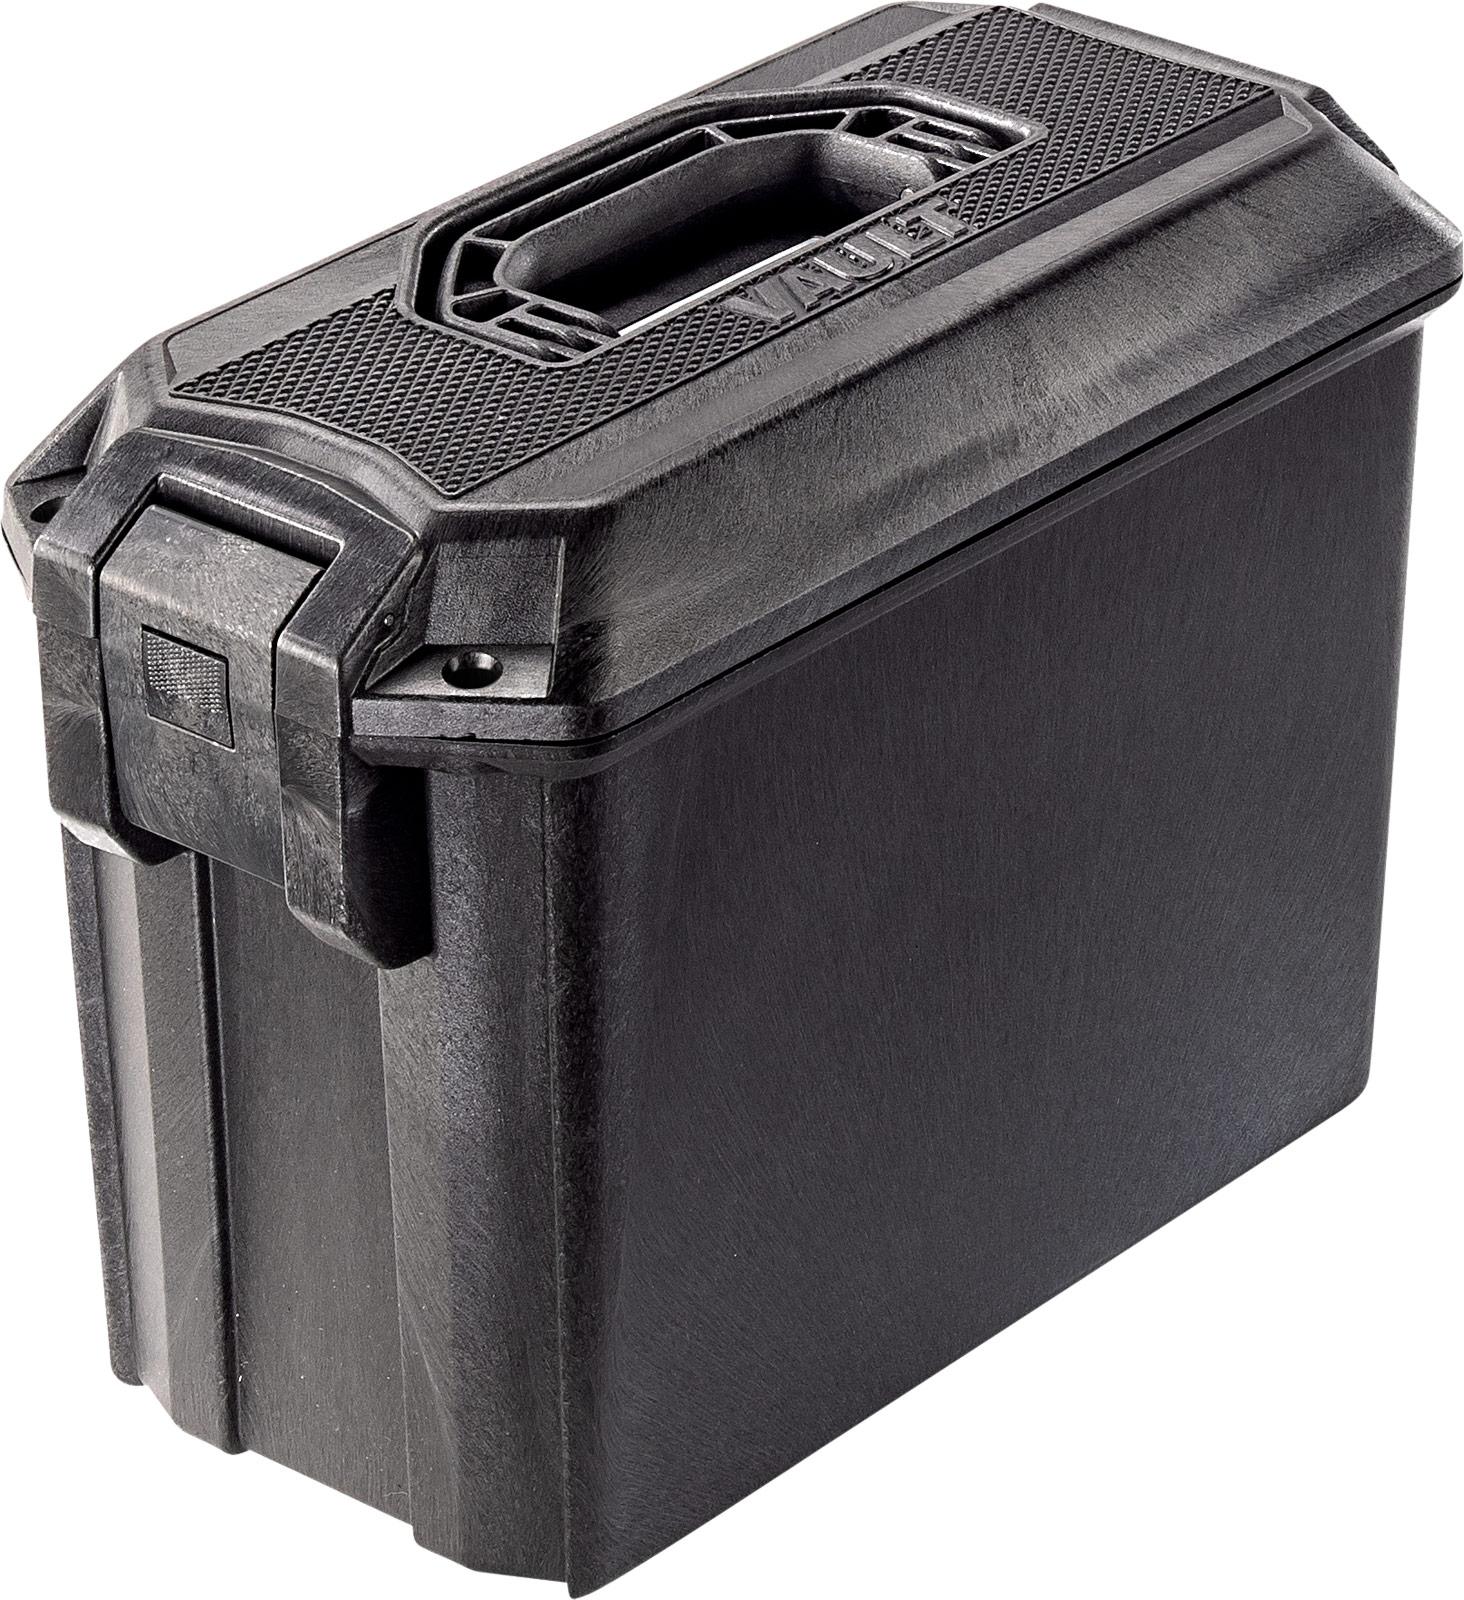 pelican vault v250 top loader case